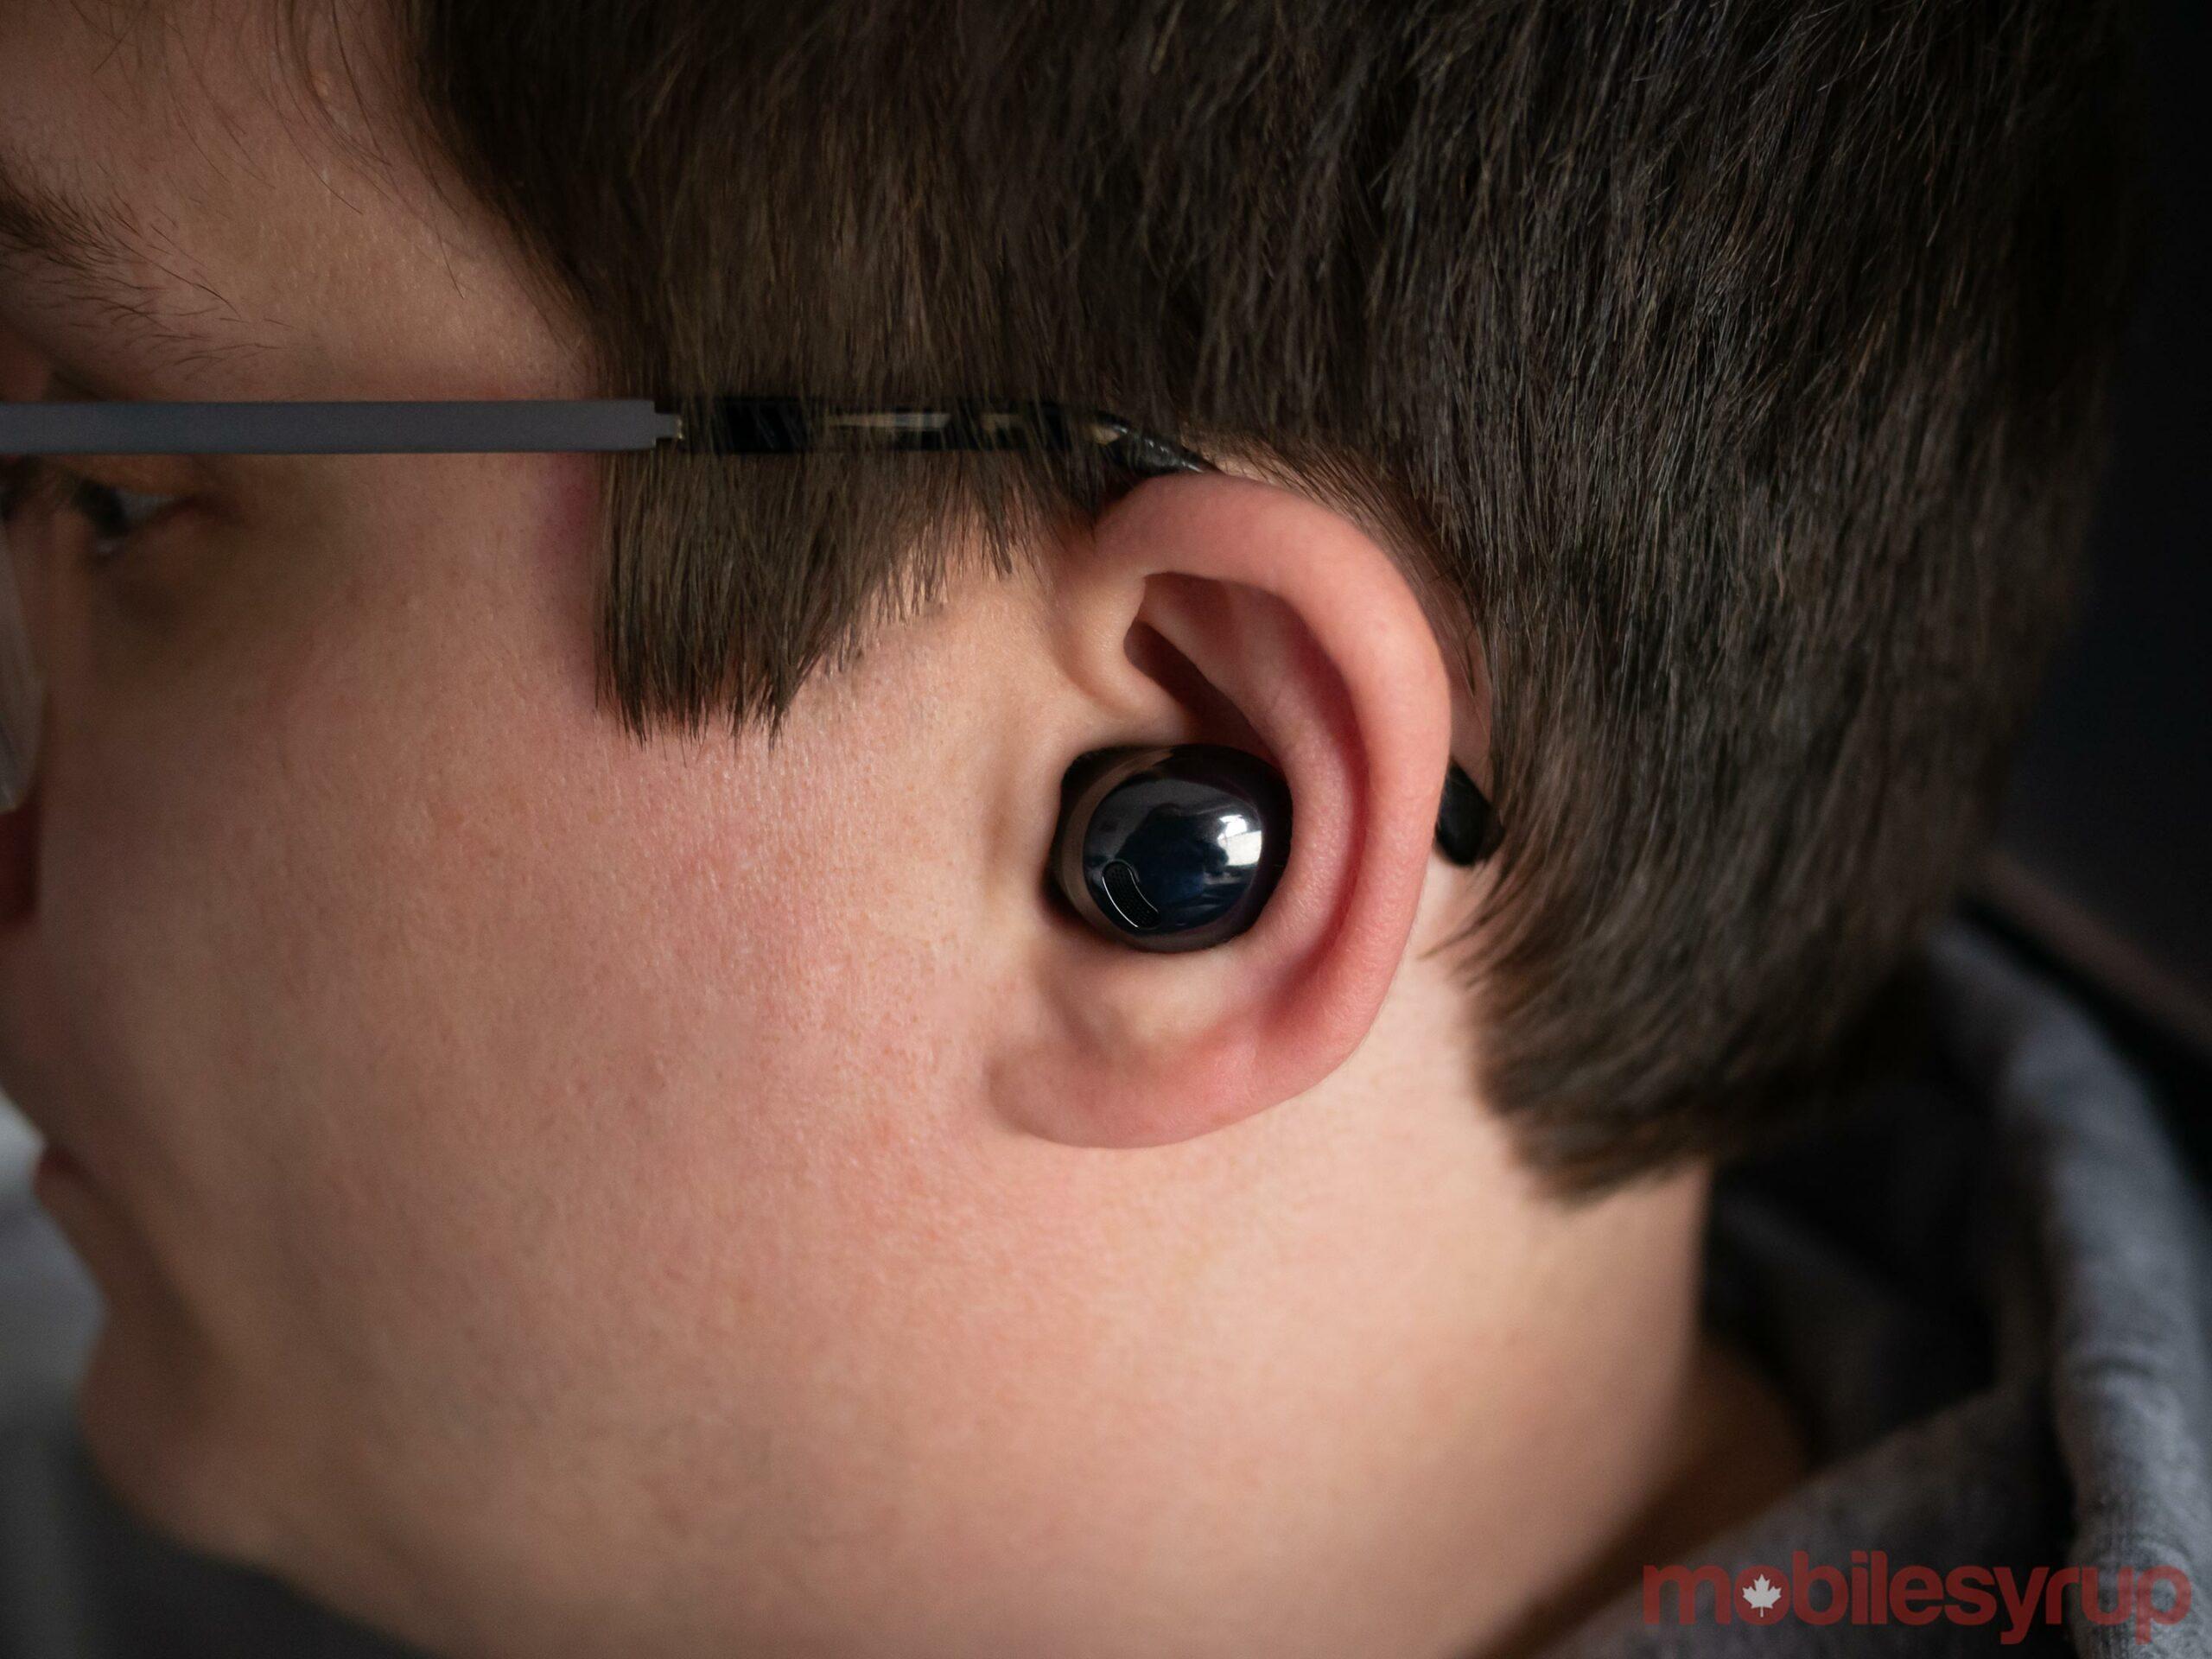 Galaxy Buds Pro in ear